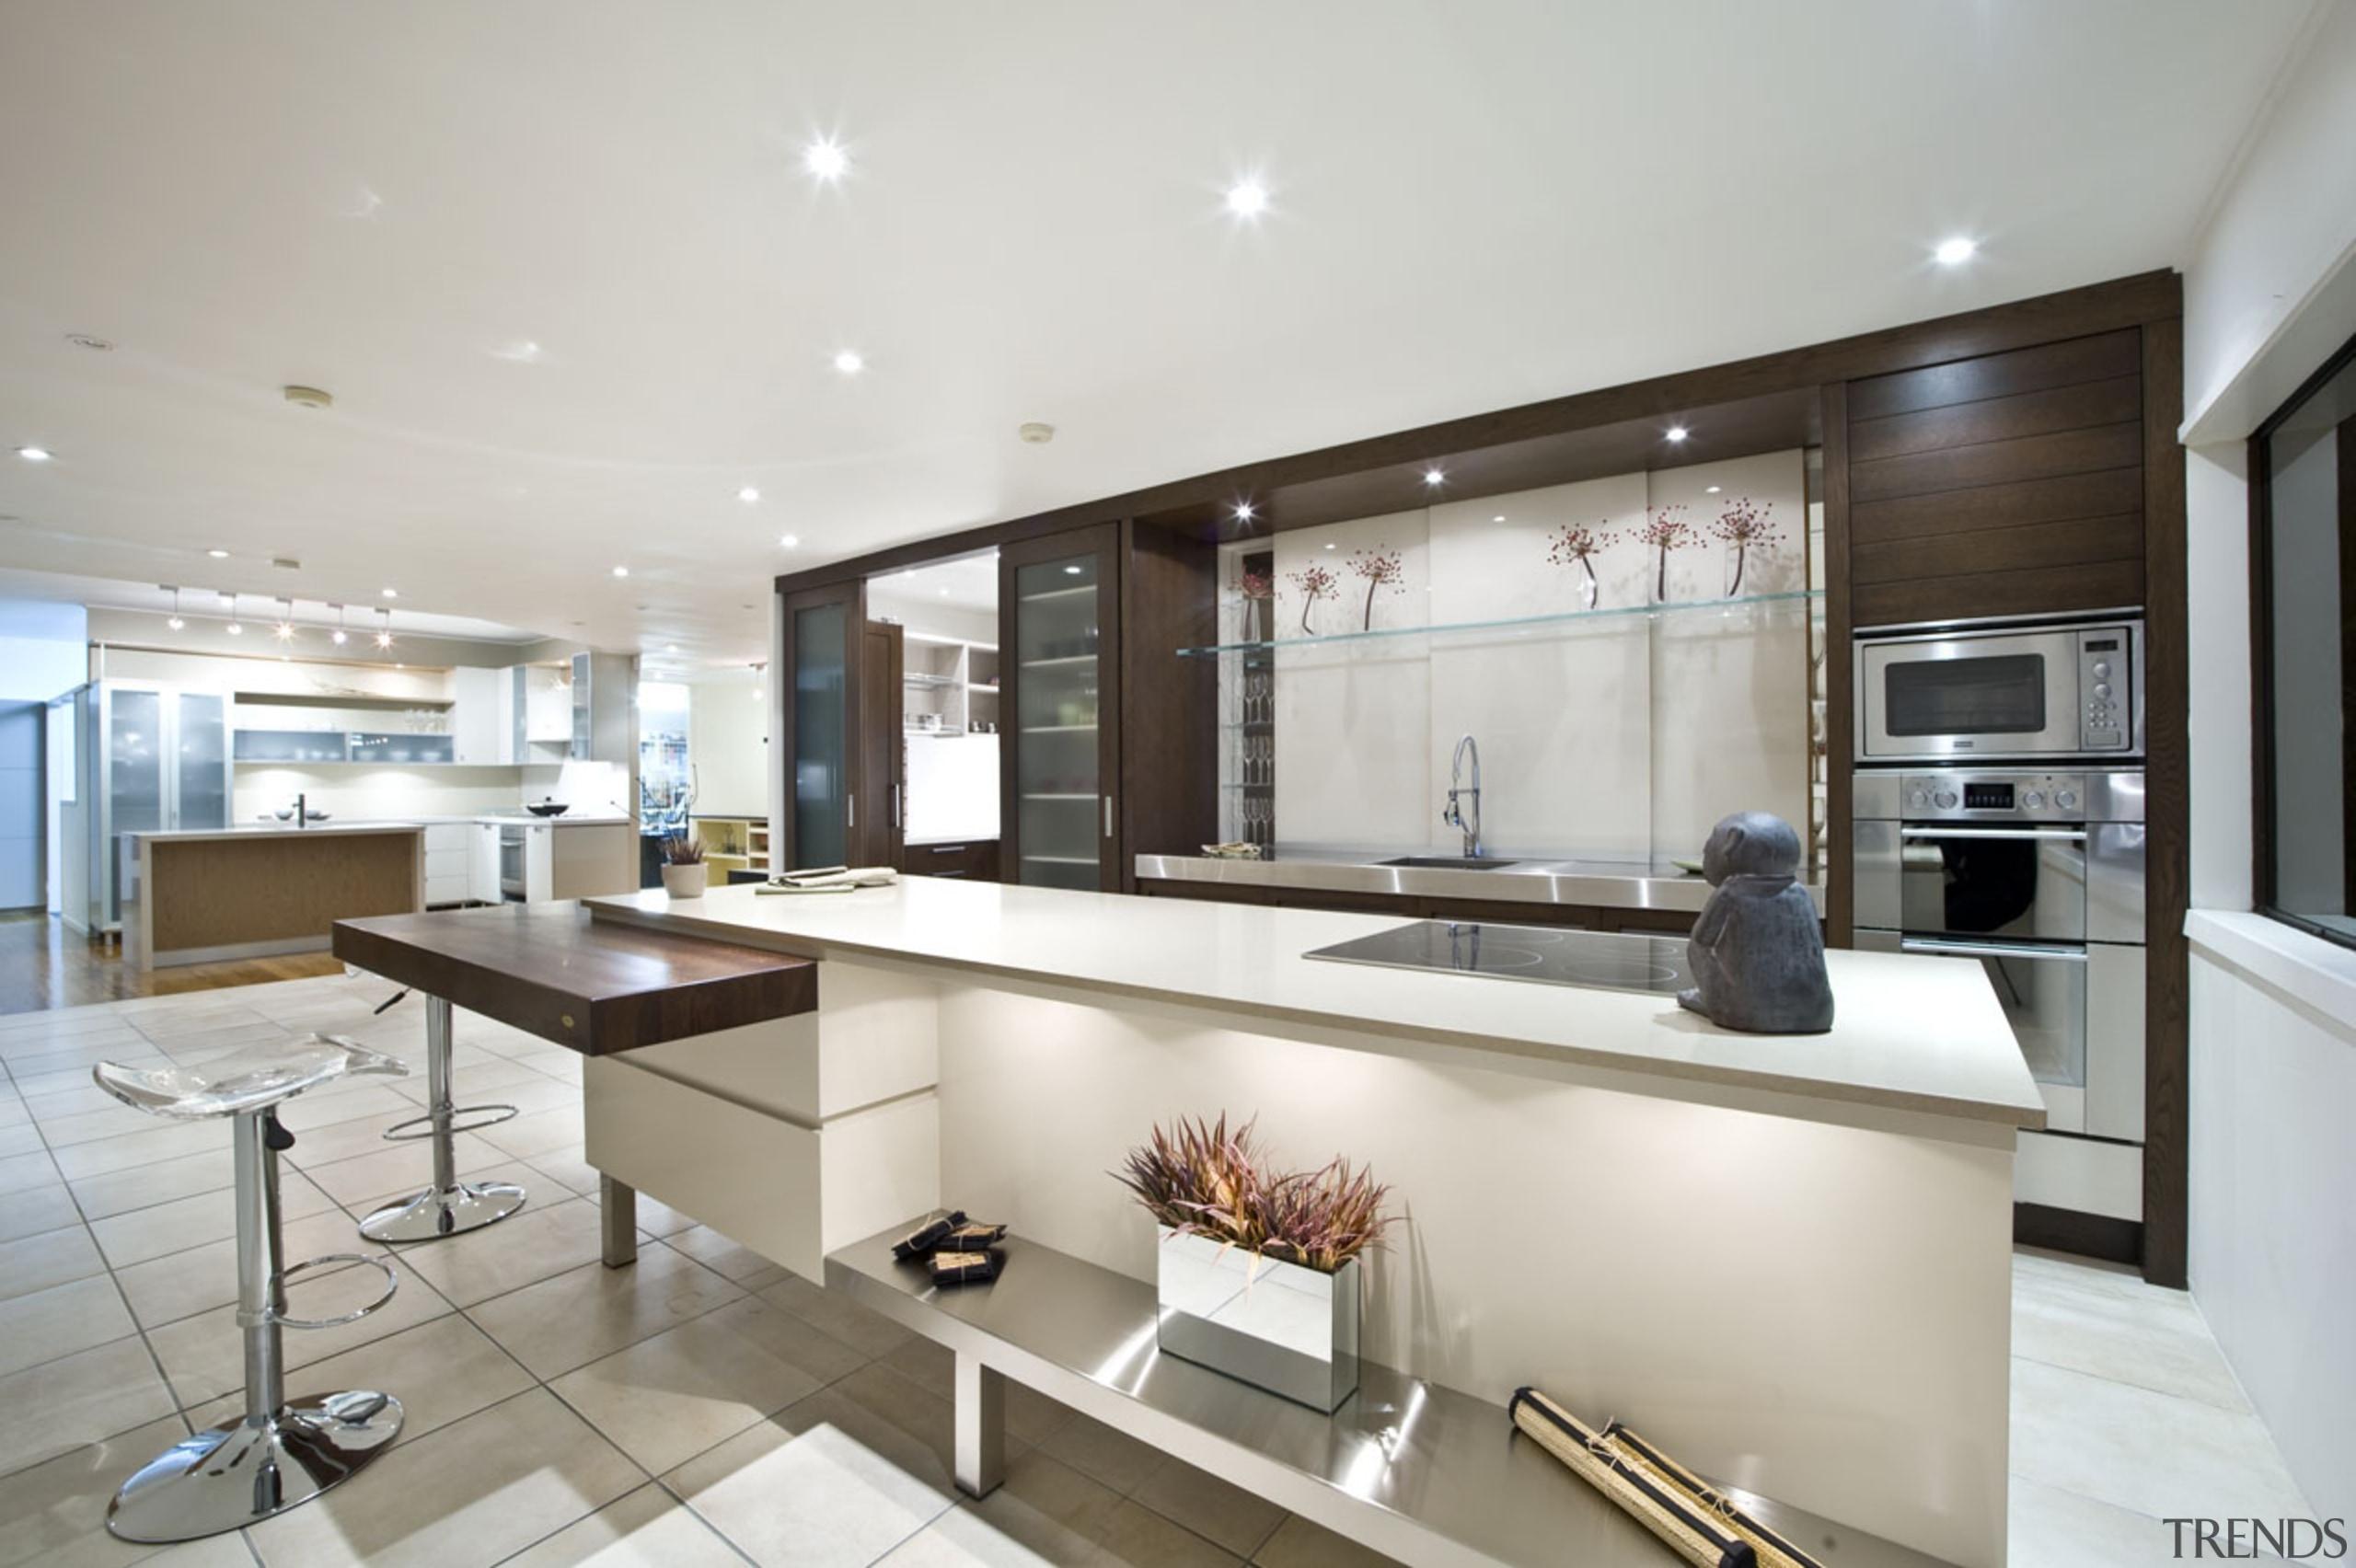 Greenlane - countertop | cuisine classique | interior countertop, cuisine classique, interior design, kitchen, real estate, gray, white